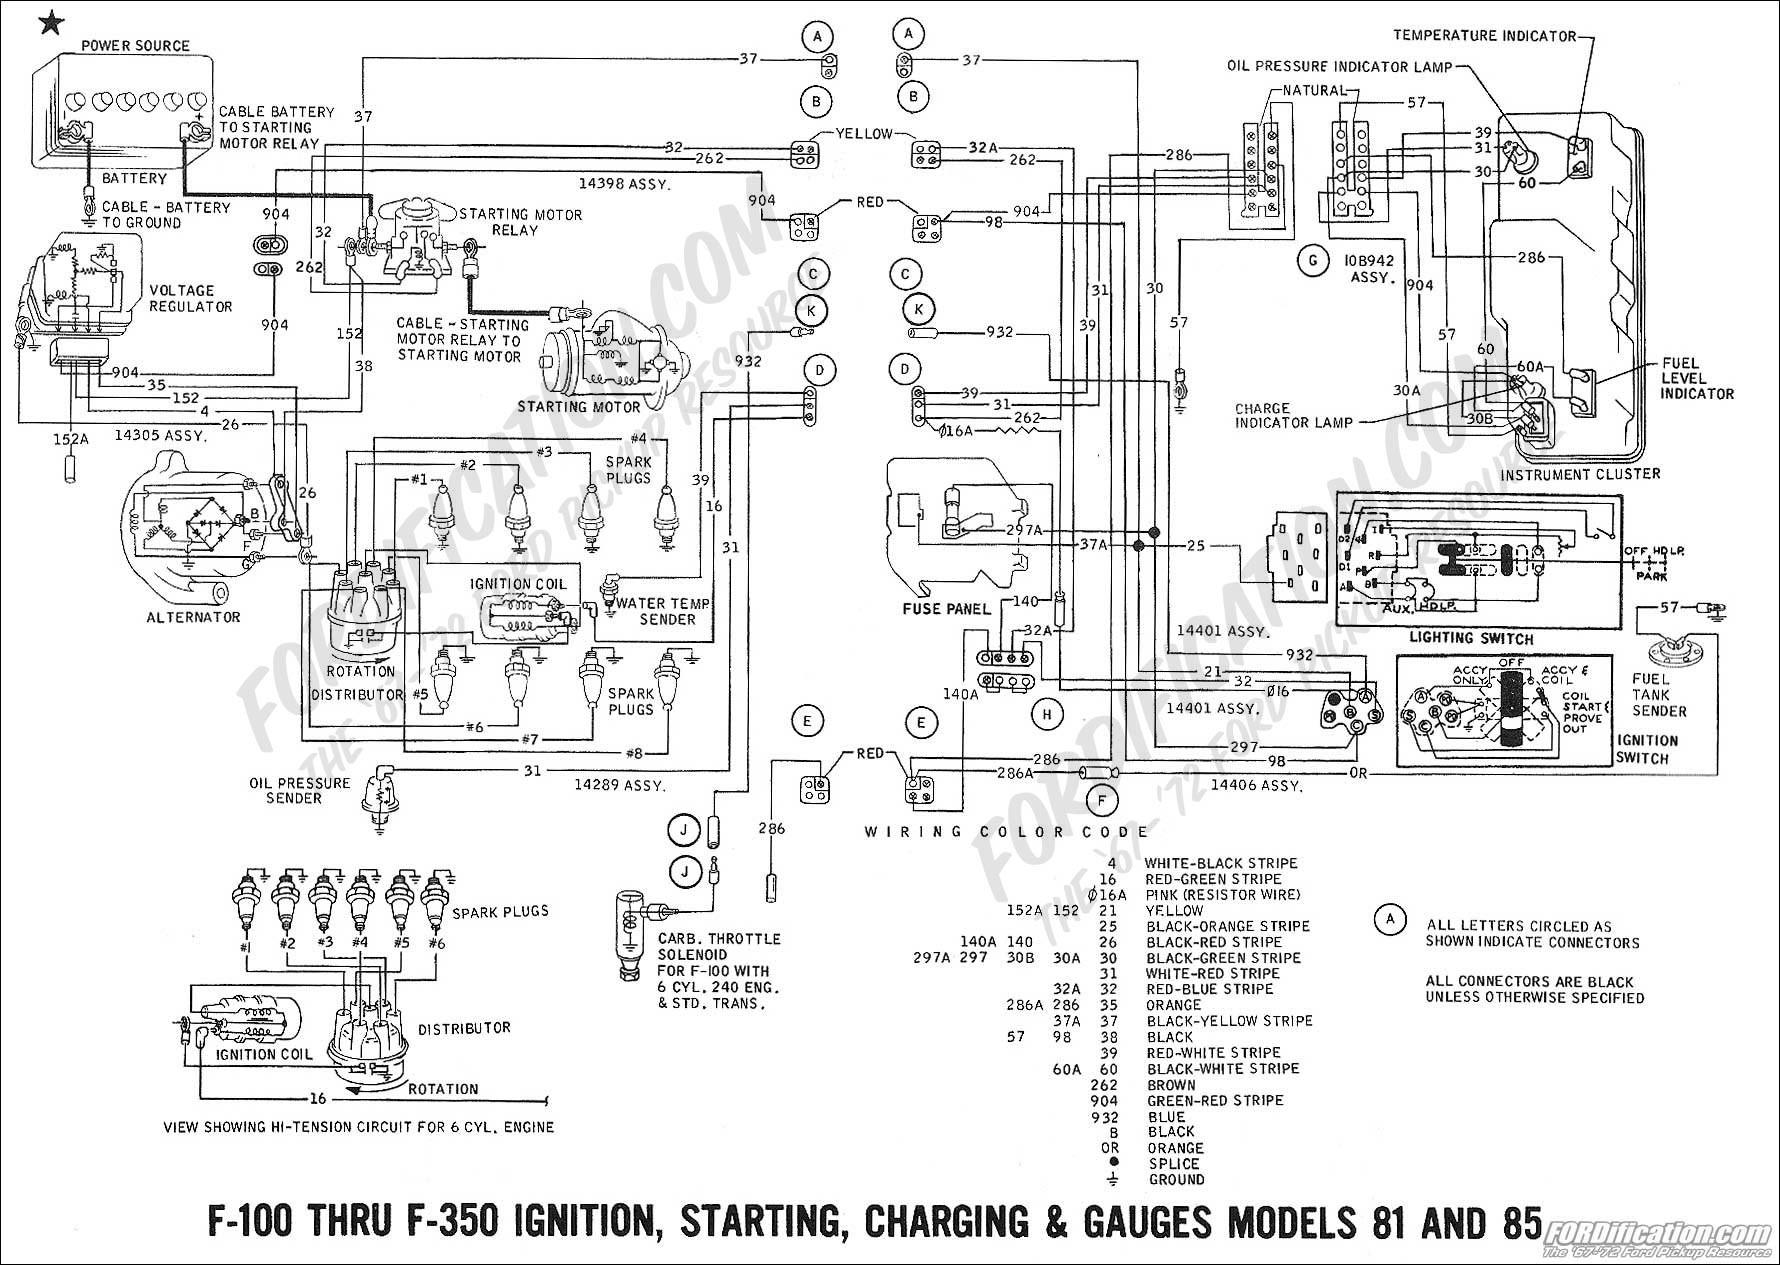 [WRG-8765] 1950 Ford Custom Wiring Diagram